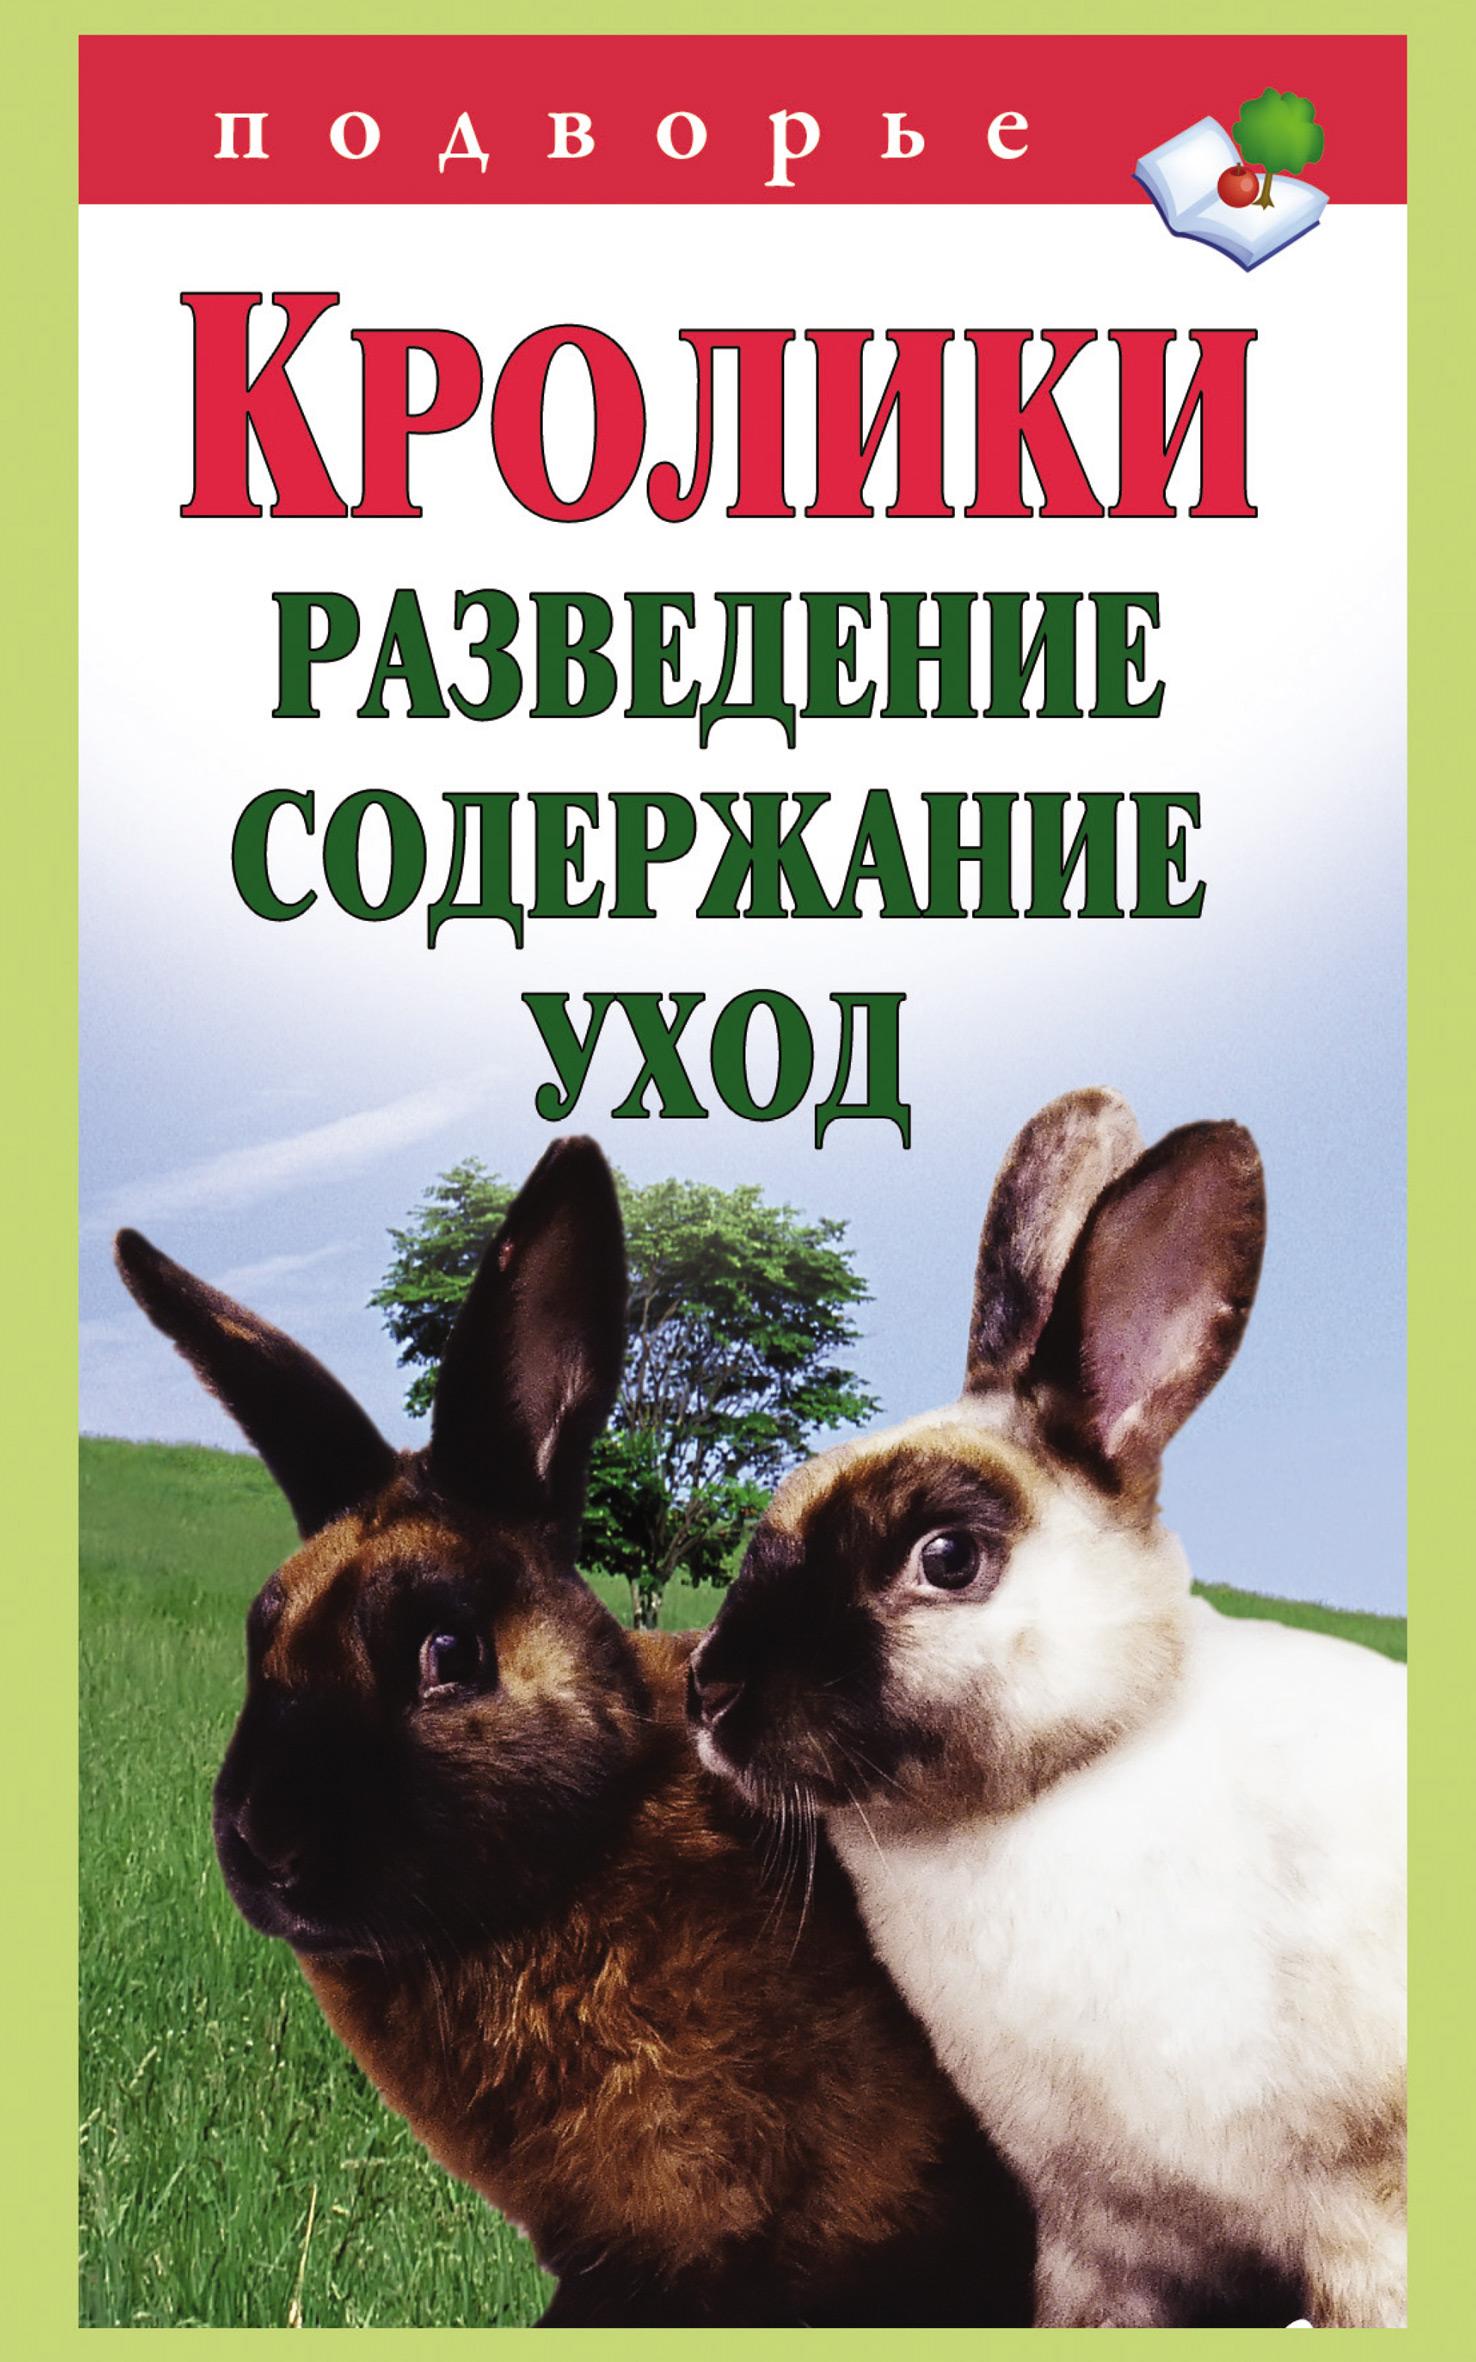 Виктор Горбунов Кролики: разведение, содержание, уход шабанов а ред сост кролики разведение и уход isbn 9785444422267